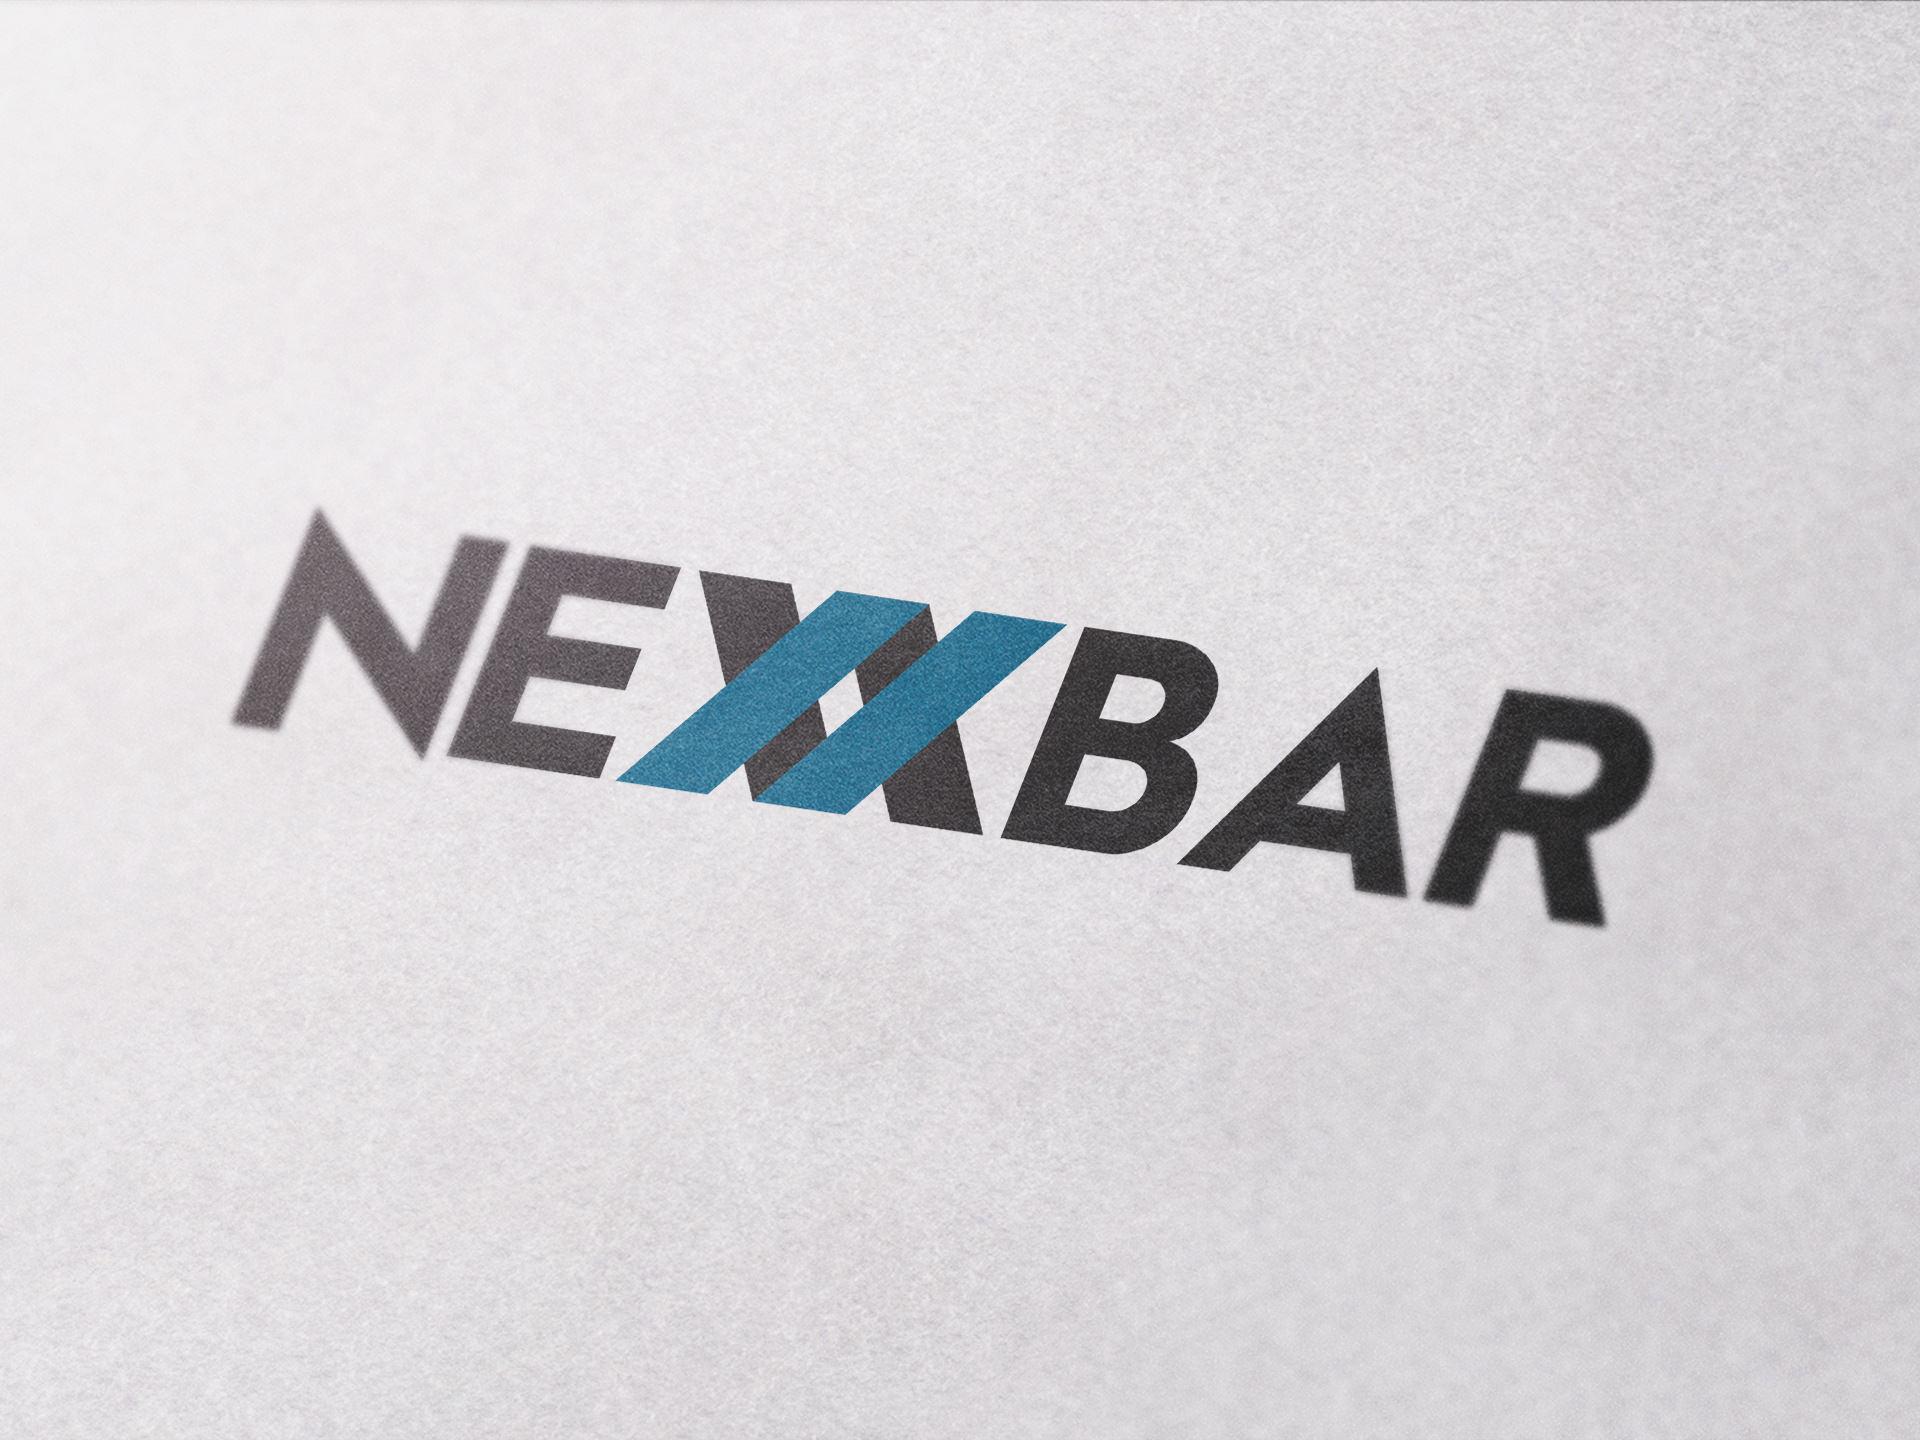 BMGcreative - Nexxbar Logo Redesign